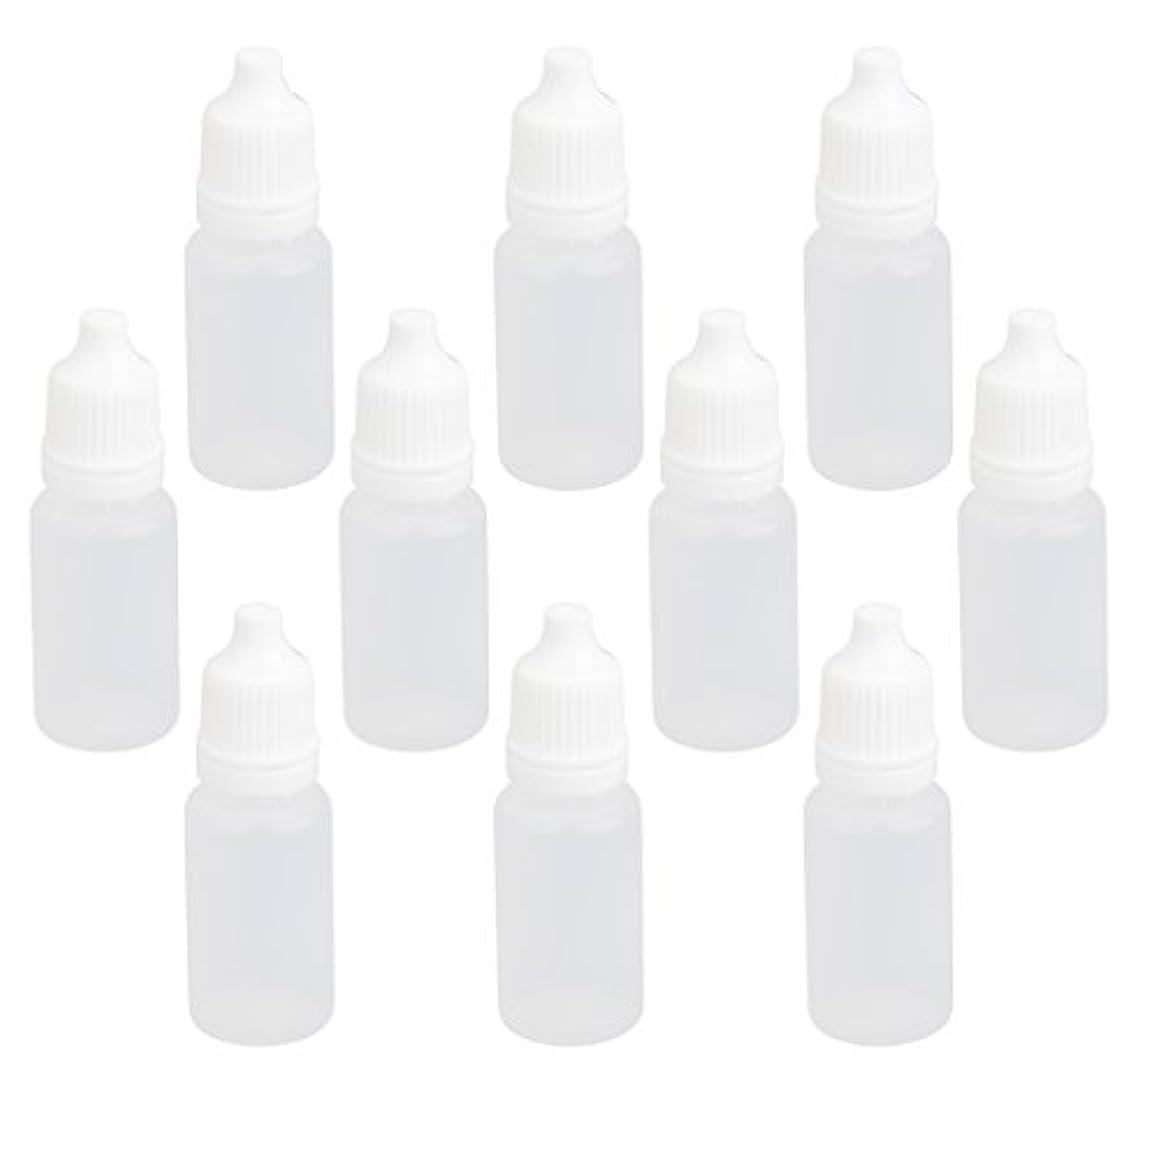 登録するラビリンス露出度の高い【ノーブランド品】ドロッパーボトル 点眼 液体 貯蔵用 滴瓶 プラスチック製 10個 (10ml)